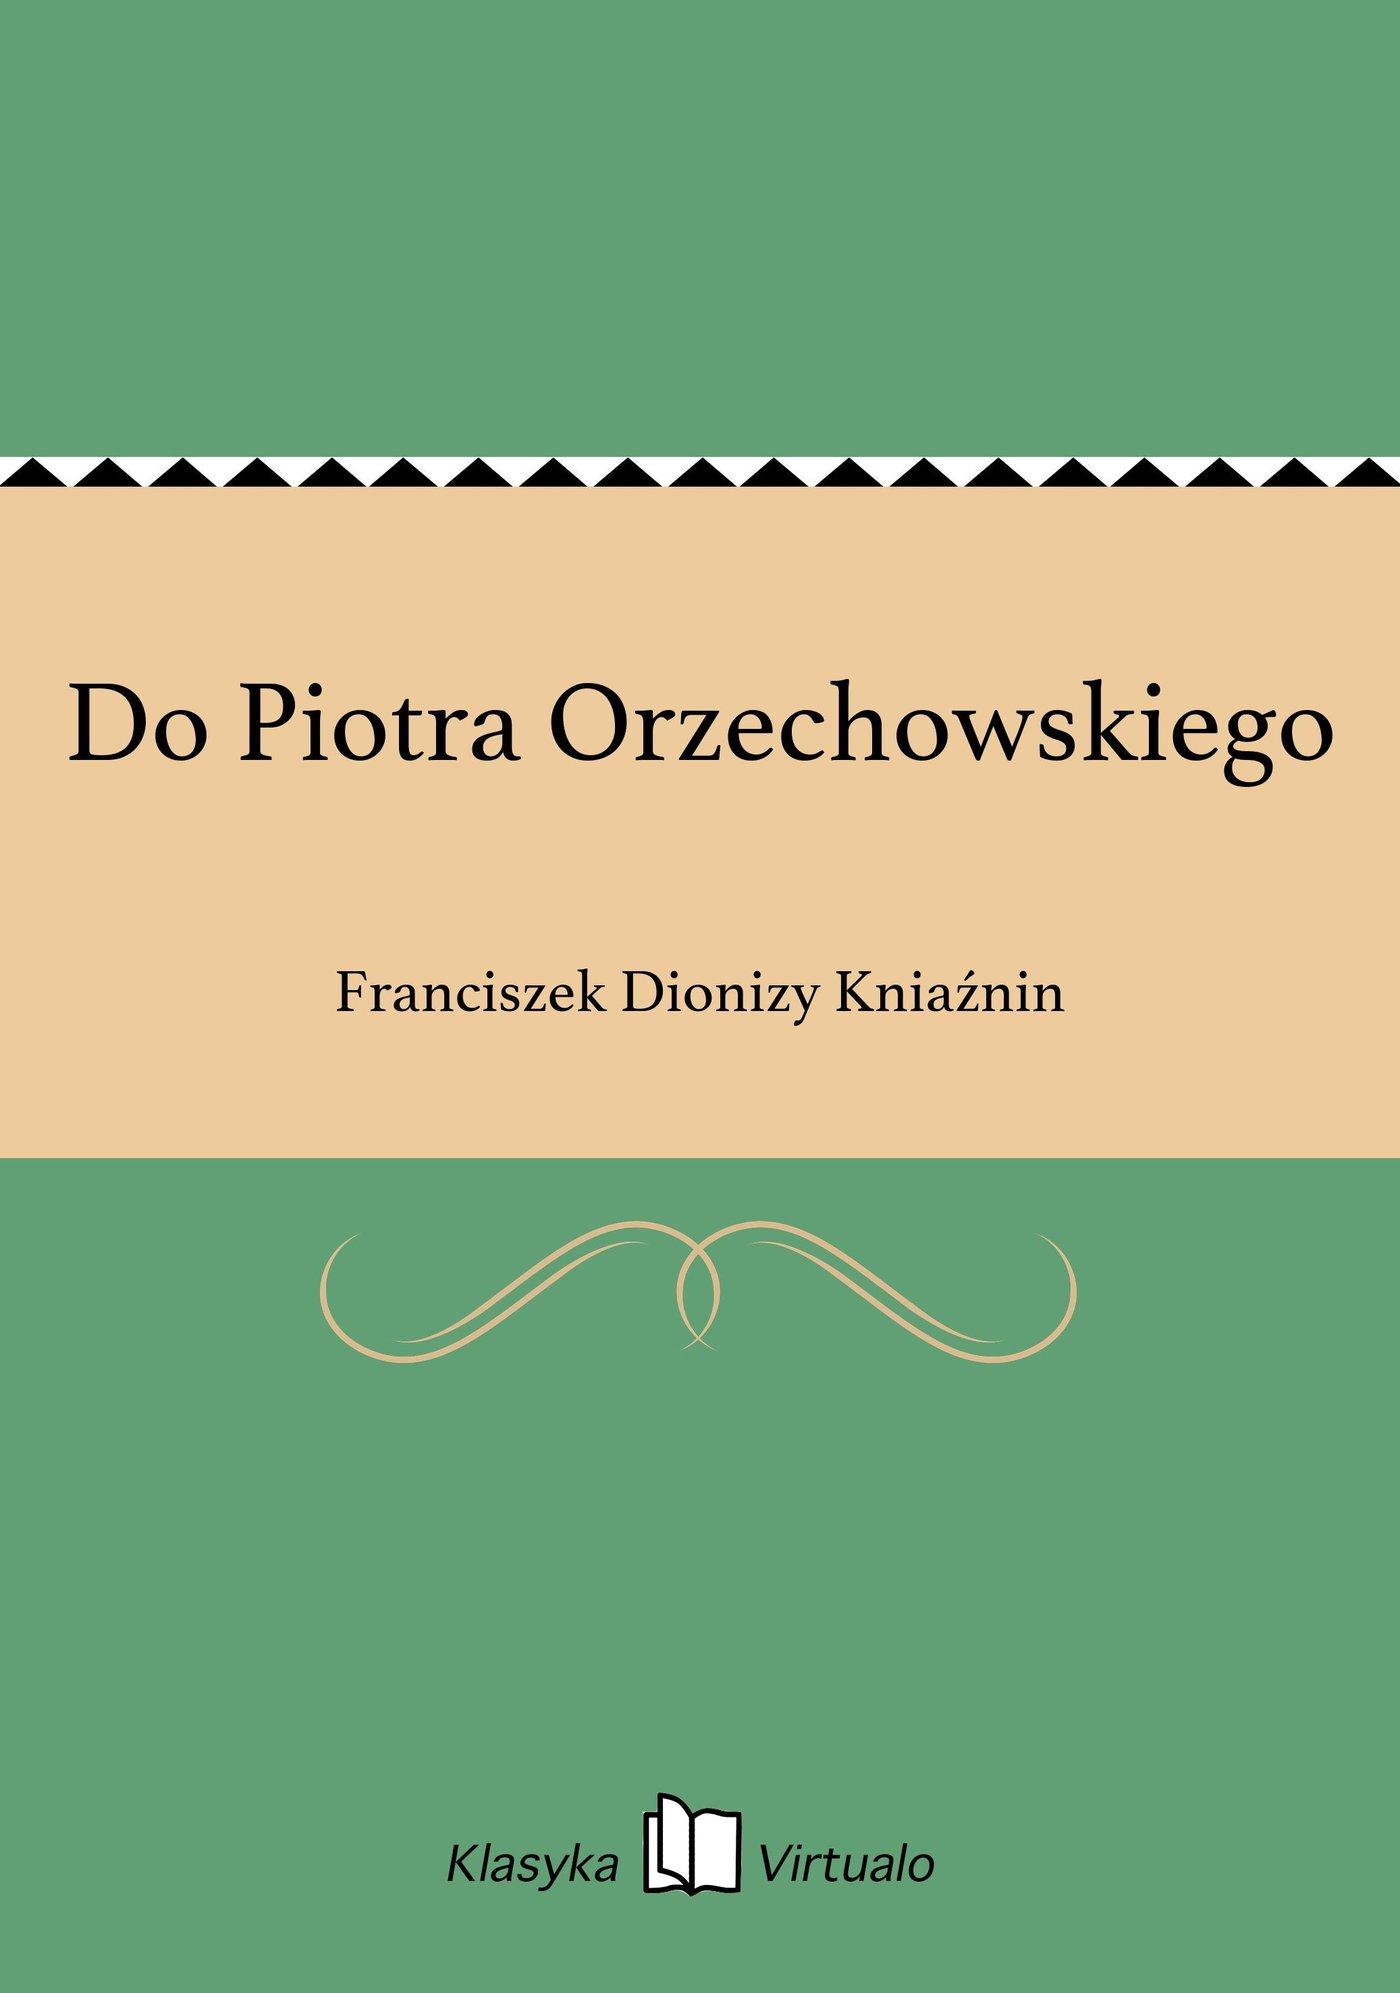 Do Piotra Orzechowskiego - Ebook (Książka na Kindle) do pobrania w formacie MOBI